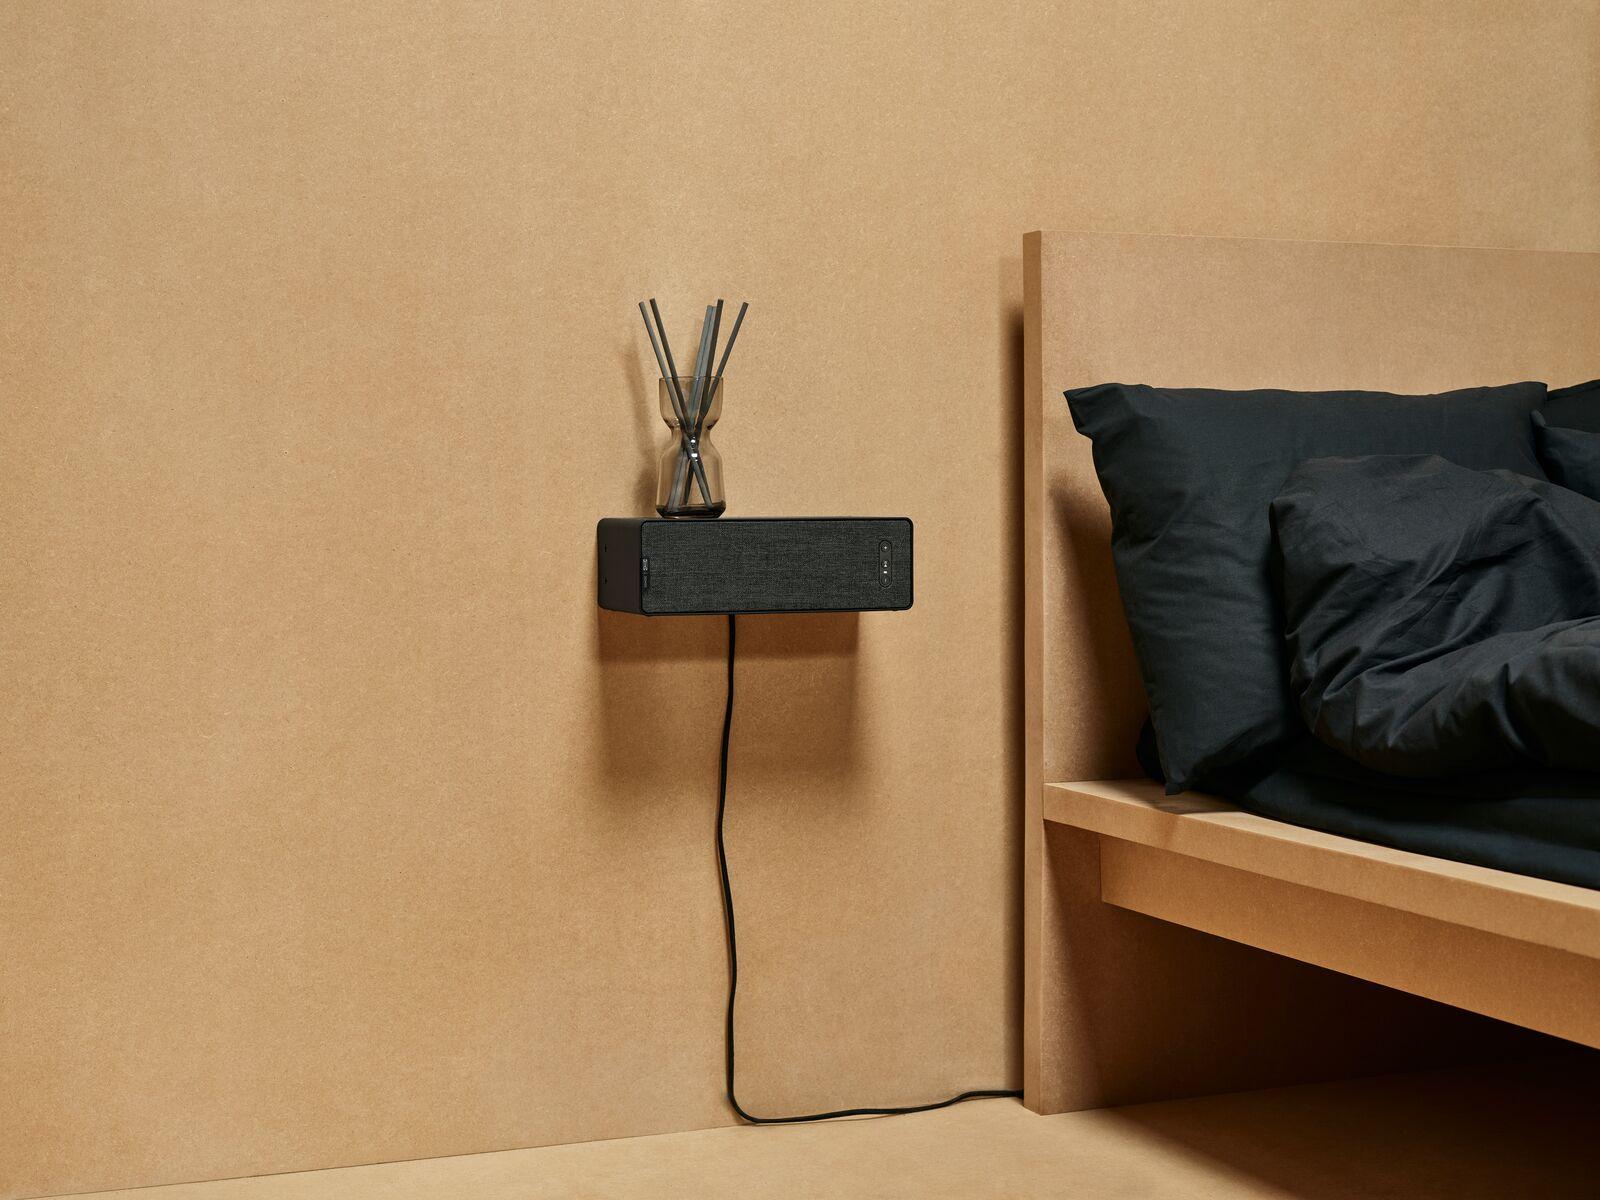 Reproduktory Wi-Fi od IKEA a Lampy